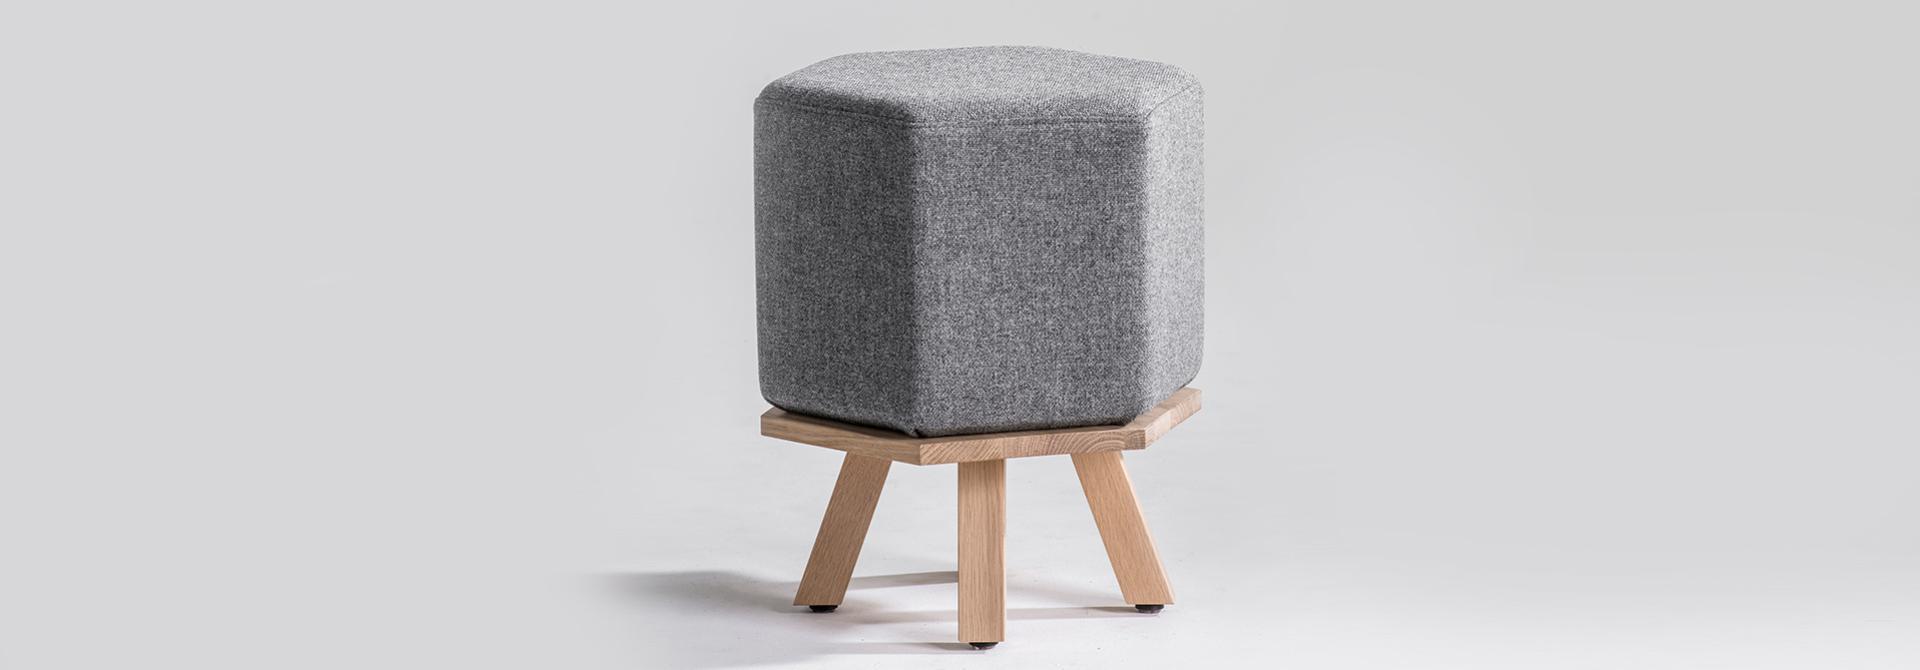 pouf hex grijs met houten poten